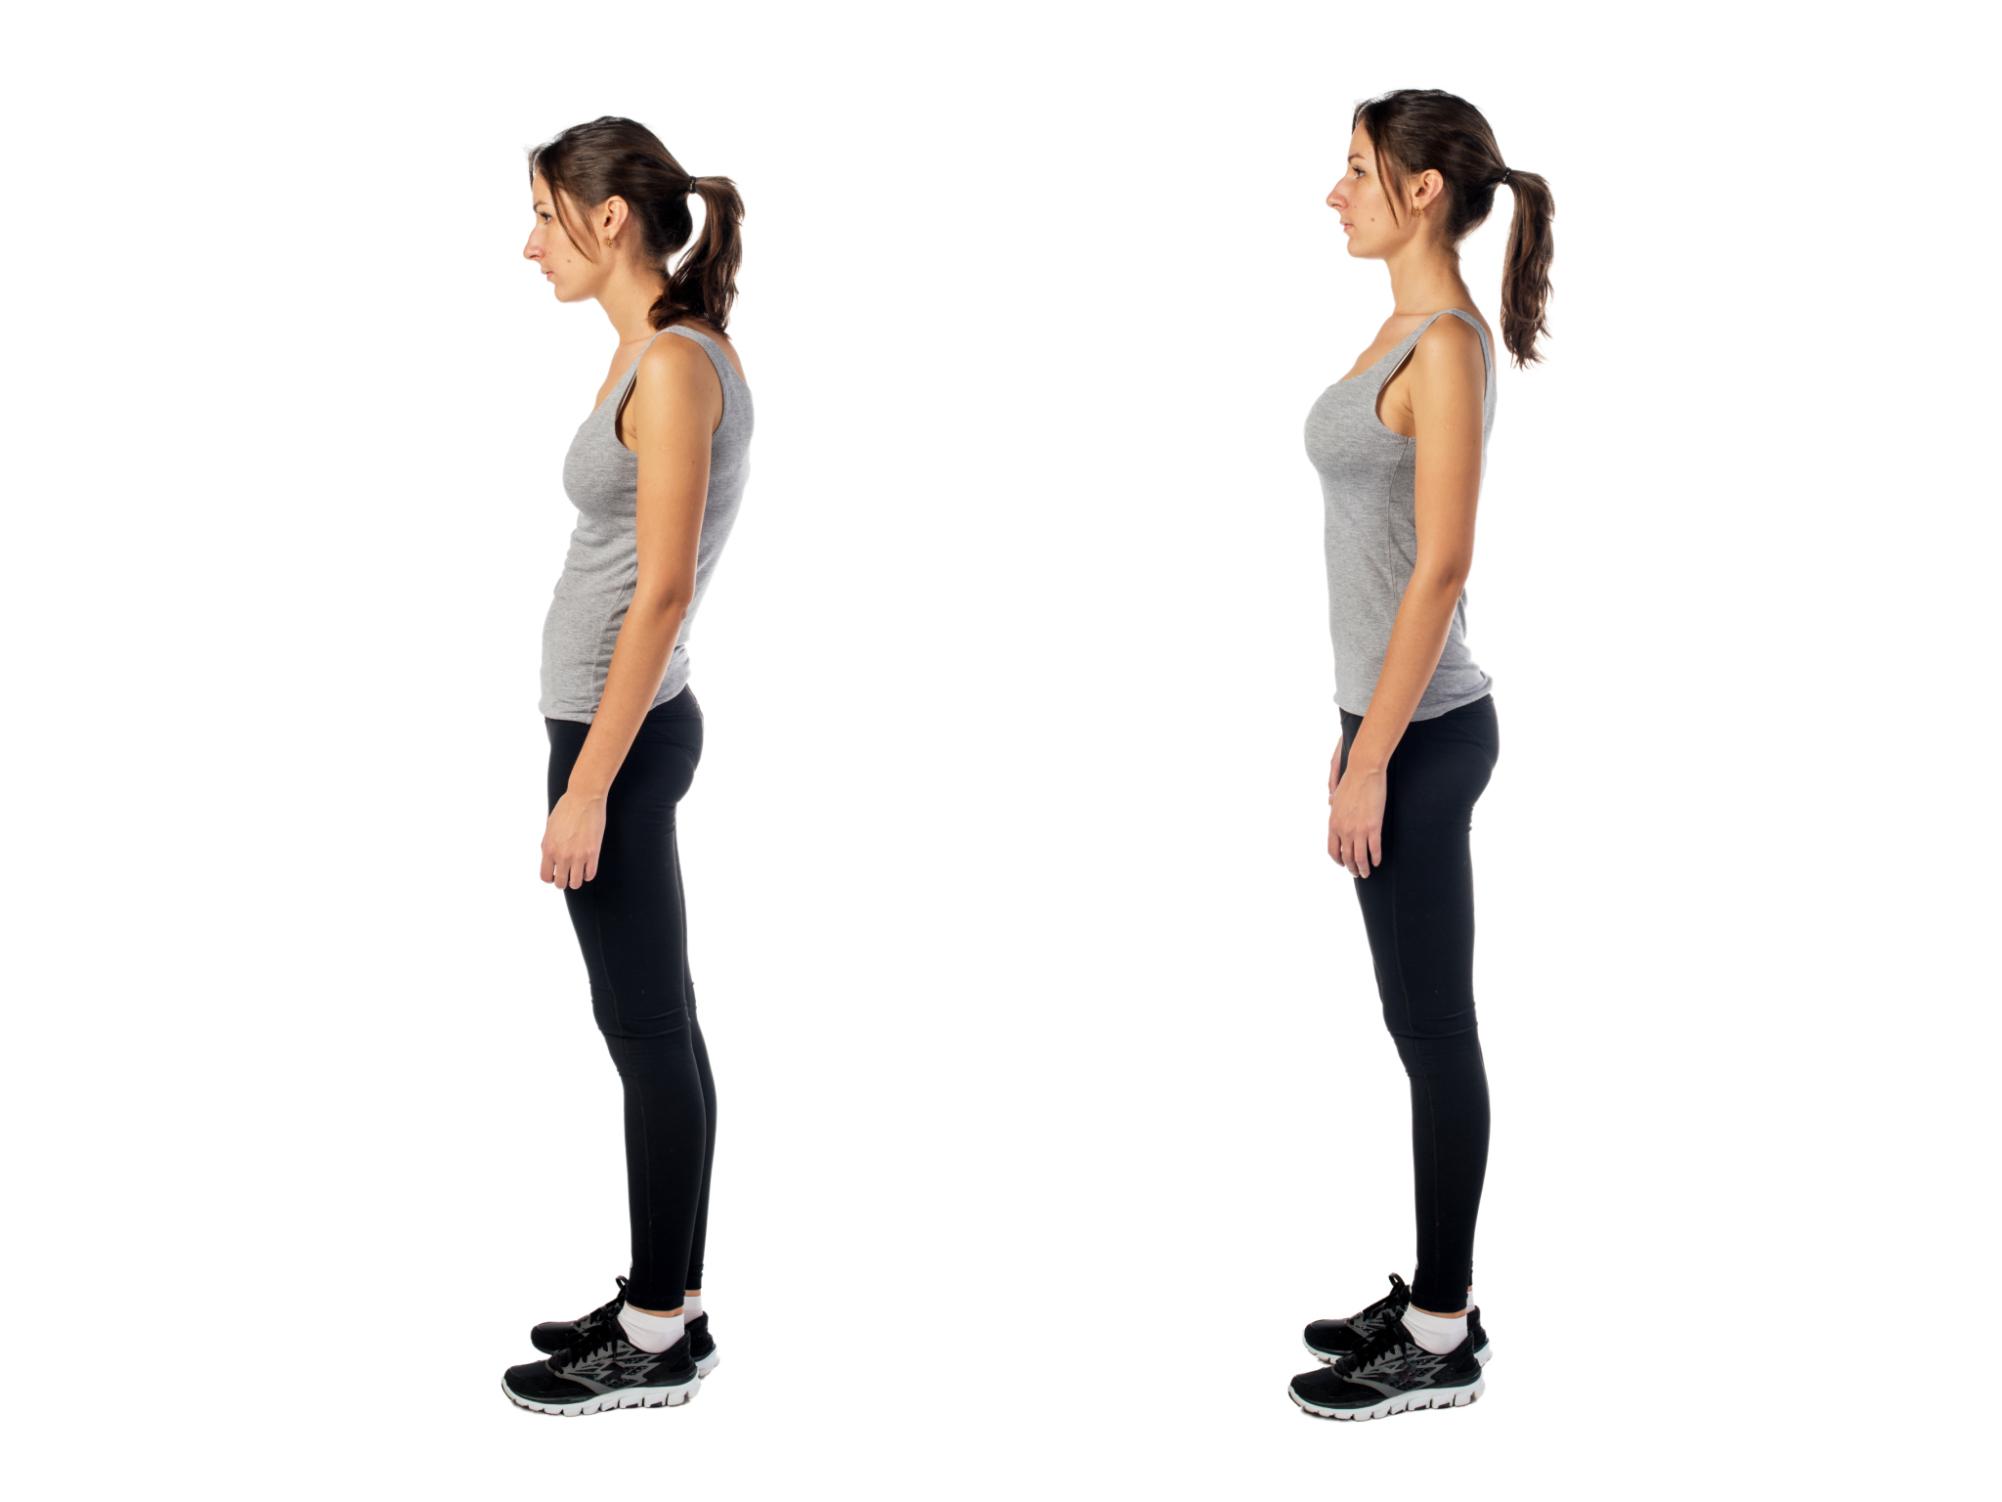 Как исправить сутулость в домашних условиях: упражнения и 73